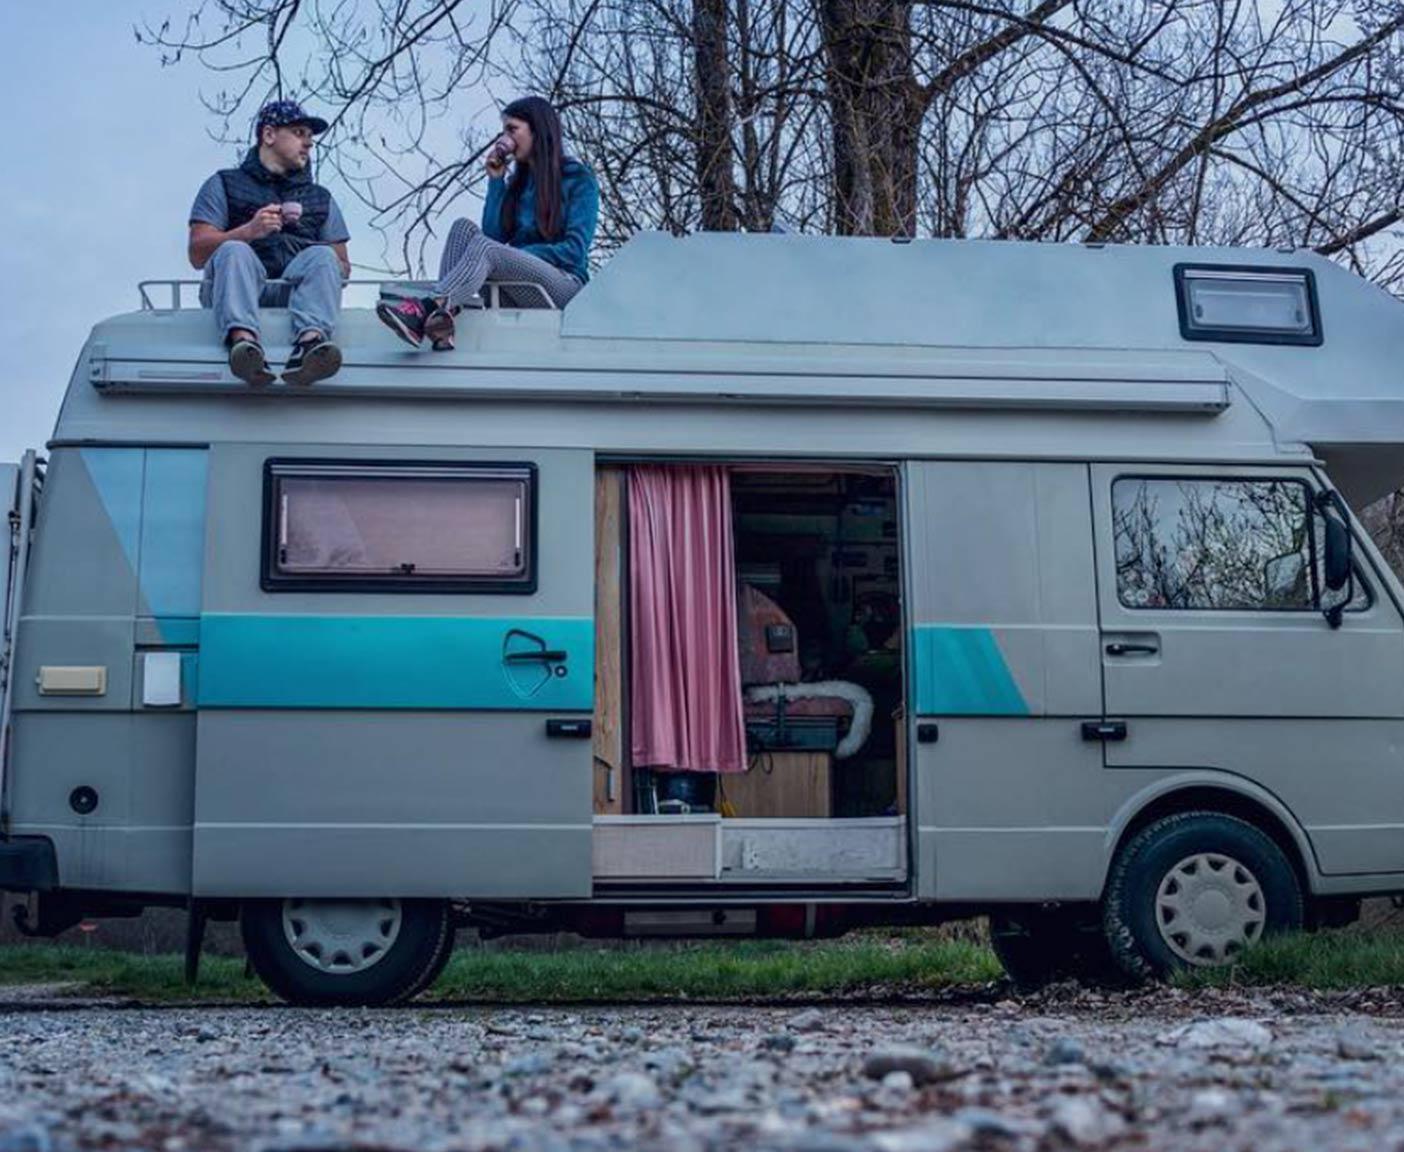 vw-lt-35-pritzsche-4x4-gebraucht-wohnmobil-camper-karmann-forum-kleinanzeigen